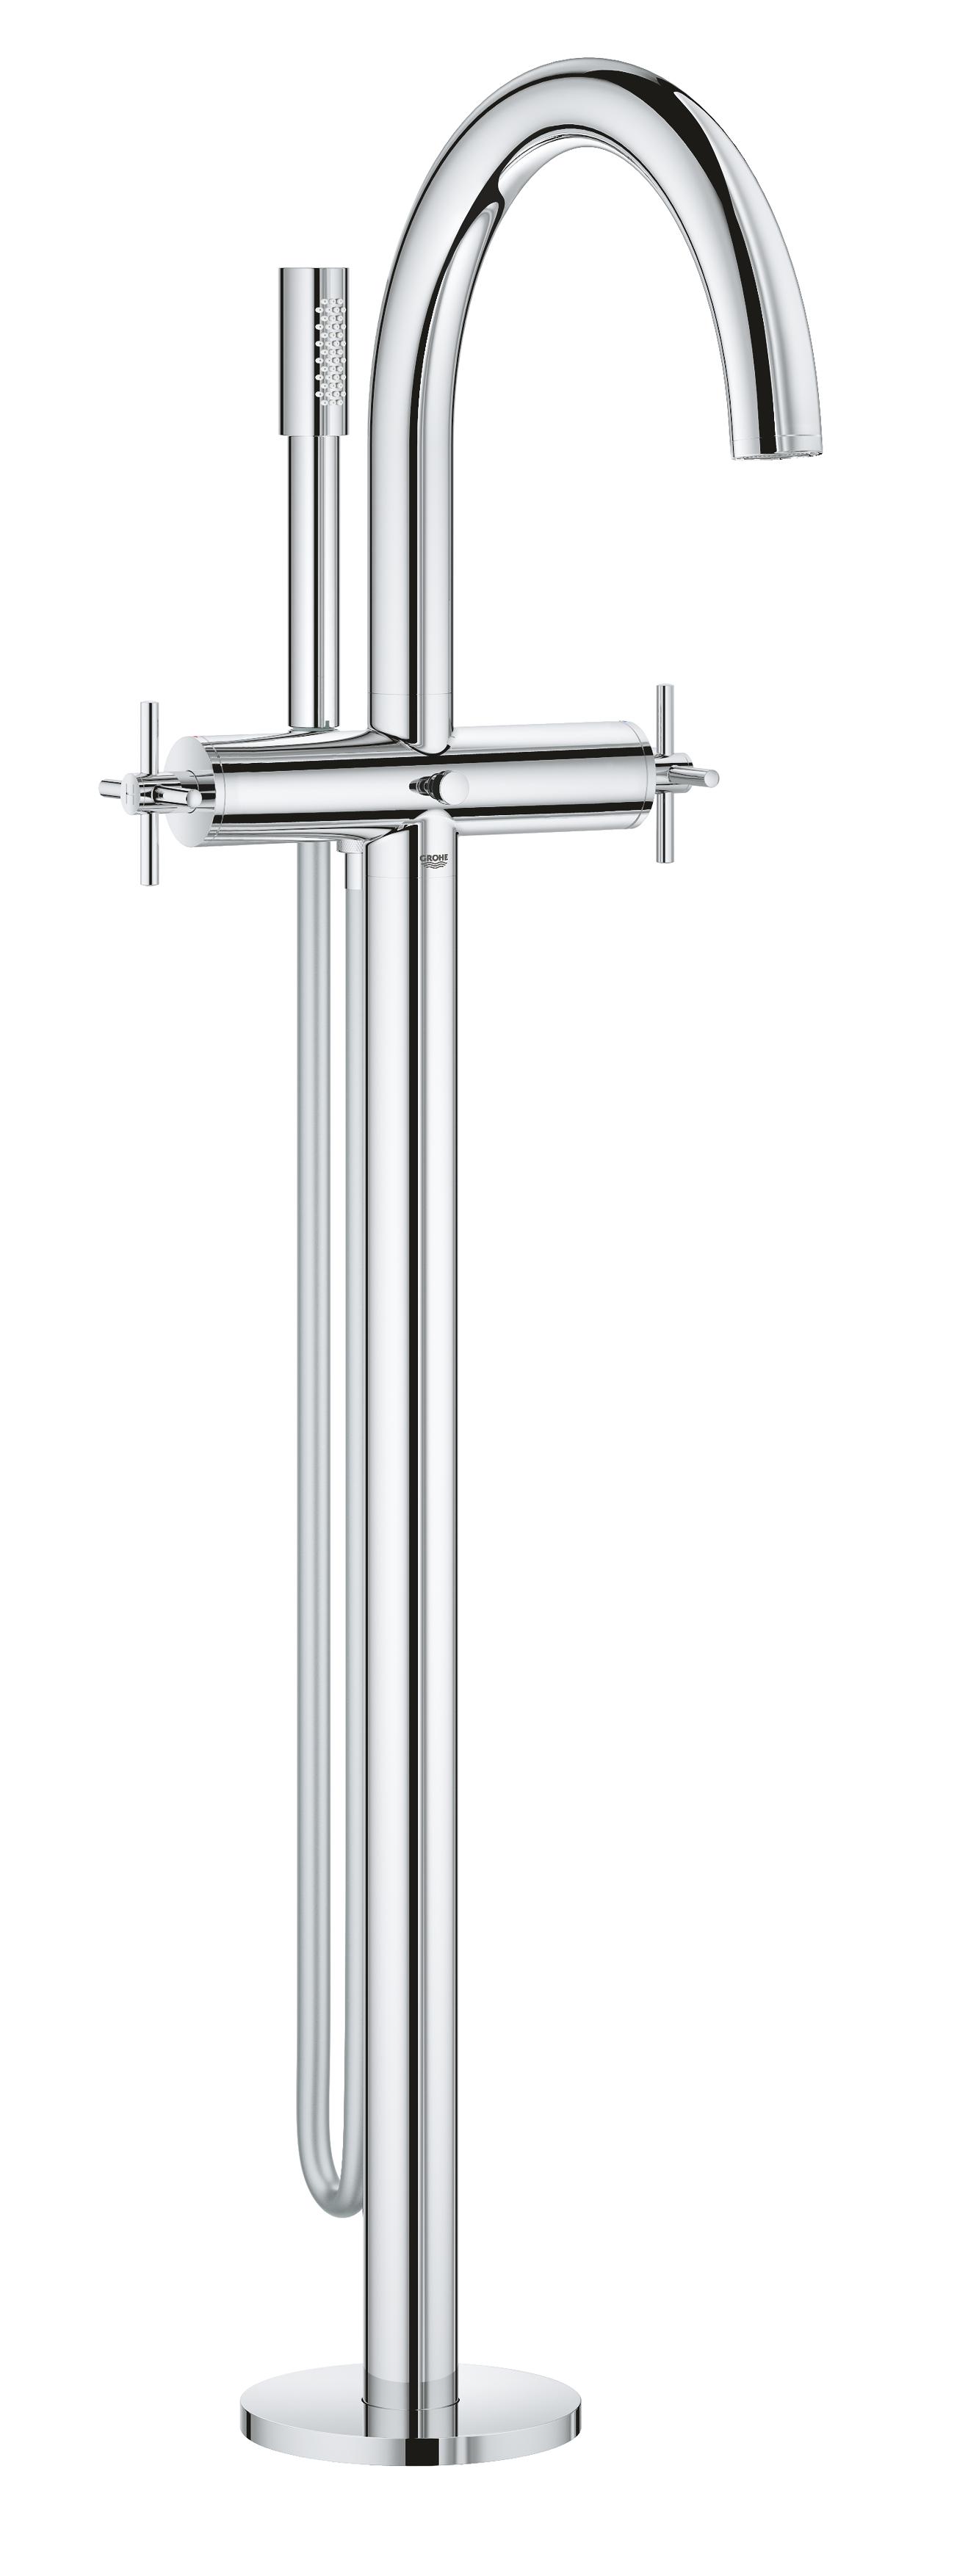 GROHE Atrio - 2-uchwytowa bateria wannowa do montażu podłogowego z zestawem punktowym chrom 25044003 .